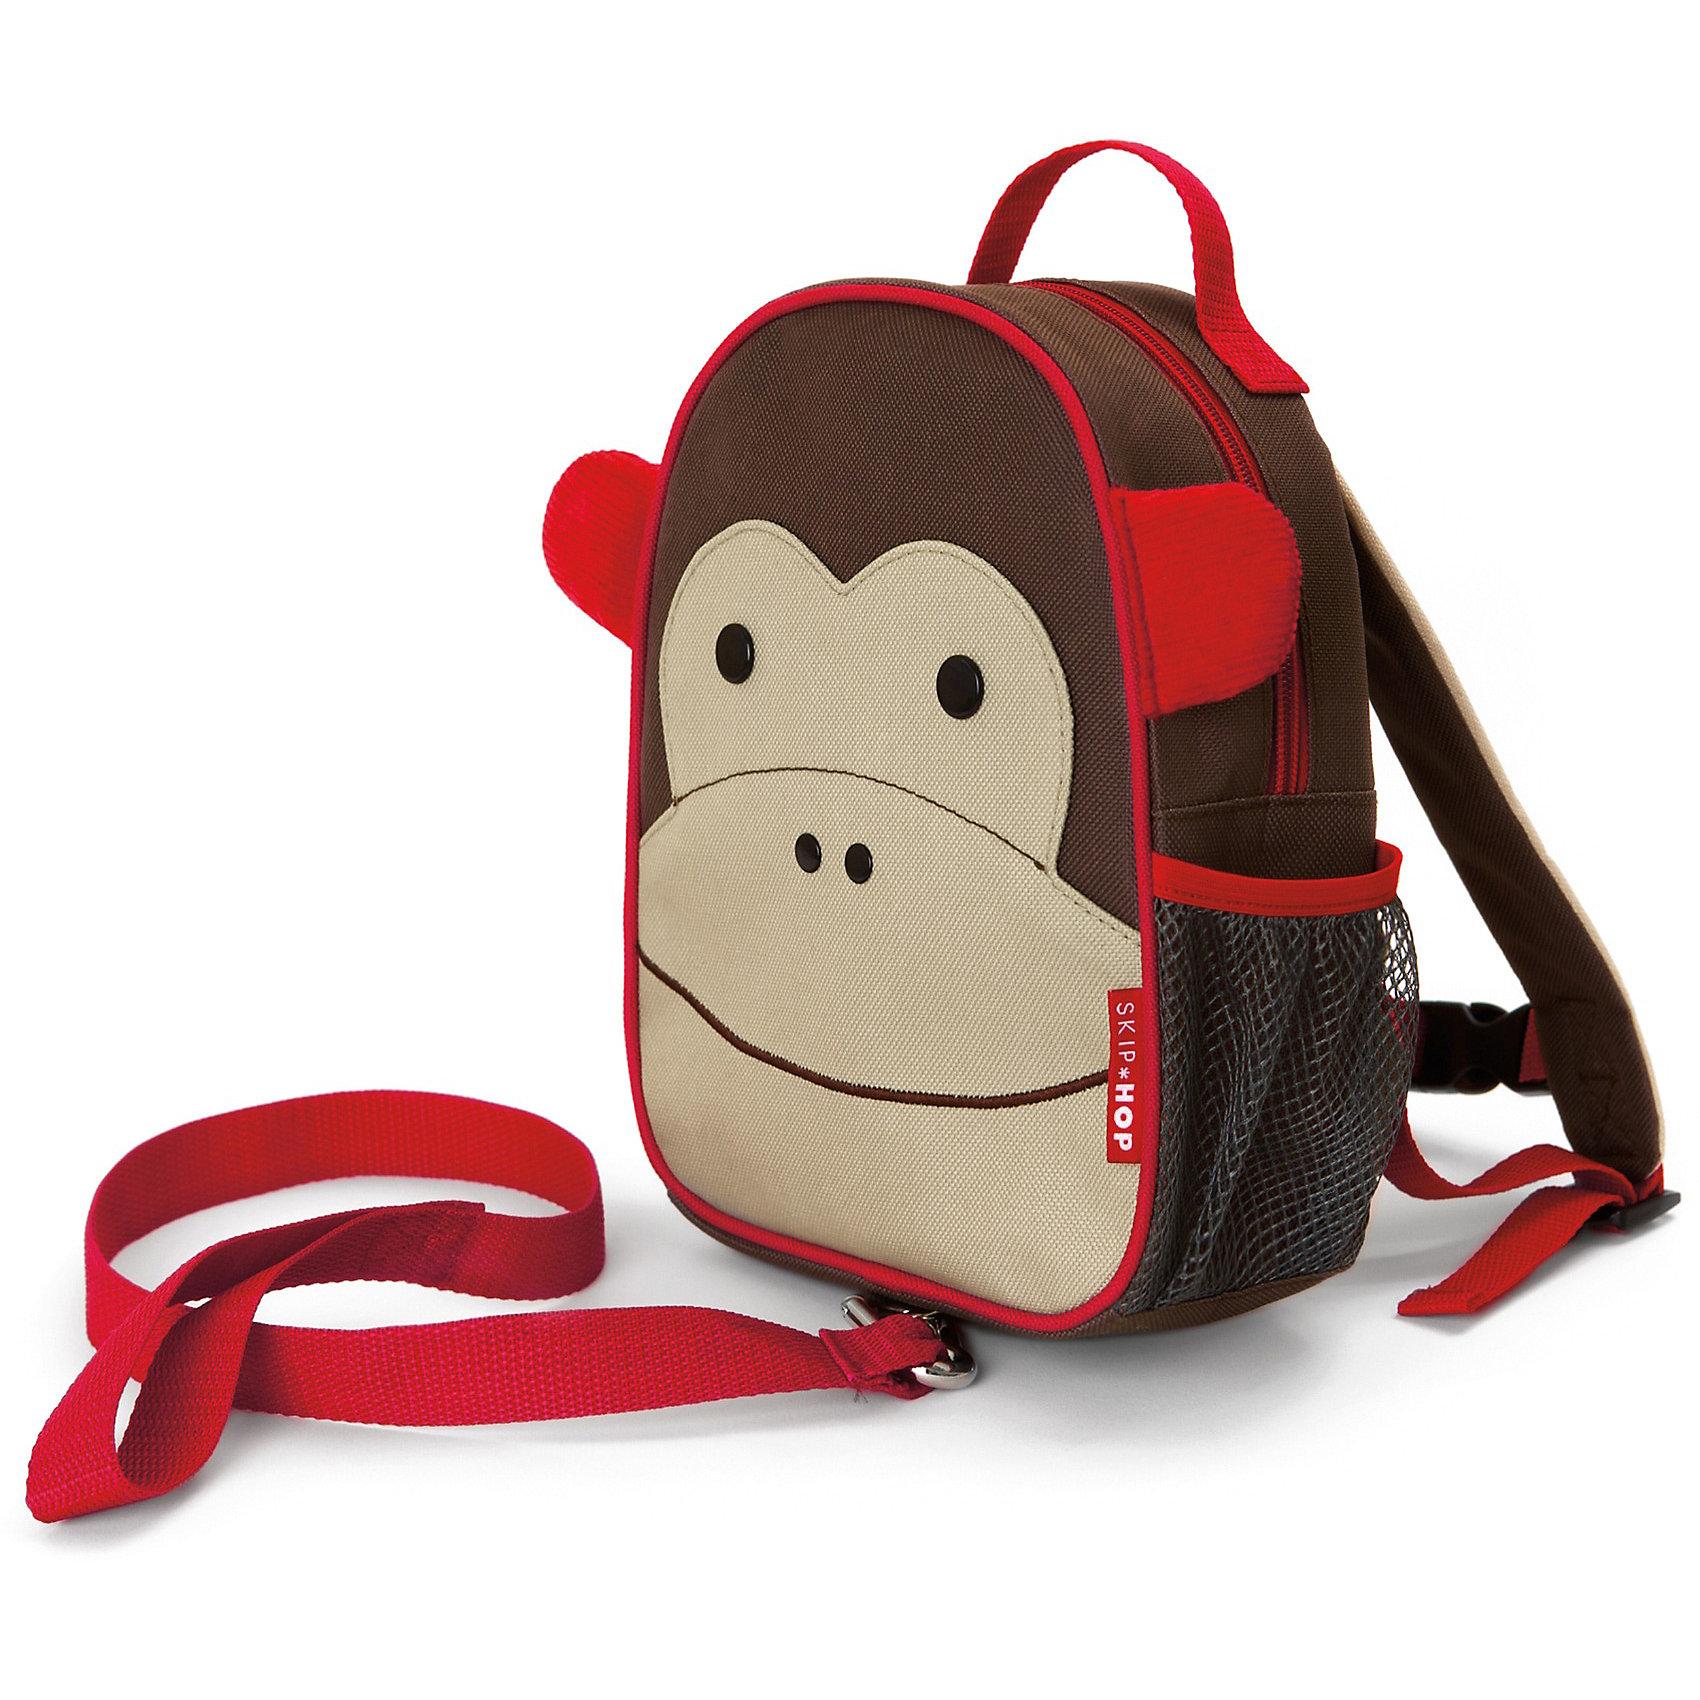 Рюкзак детский с поводком Обезьяна, Skip HopДетские рюкзаки<br>Характеристики товара:<br><br>• возраст от 11 месяцев;<br>• материал: полиэстер;<br>• бирочка для имени<br>• ремешок безопасности регулируется<br>• размер рюкзака 23х19х8,5 см;<br>• страна производитель: Китай.<br><br>Рюкзак детский с поводком «Обезьяна» Skip Hop выполнен в виде забавной обезьянки с глазками и ушками. Теперь все необходимые вещи всегда будут под рукой у малыша. Он может брать рюкзачок с собой на прогулку, в гости, в детский садик. Во внутреннем отделении поместятся любимые игрушки, карандаши, раскраски, блокноты. Сбоку сетчатый кармашек для бутылочки с напитками или контейнера для еды.<br><br>Мягкие лямки обеспечивают комфортное ношение. Предусмотрена небольшая ручка для переноски в руках или подвешивания. Специальный ремешок-поводок разработан для родителей, которые будут контролировать движения малыша, который еще только познает окружающий мир. Рюкзак изготовлен из плотных износостойких материалов.<br><br>Рюкзак детский с поводком «Обезьяна» Skip Hop можно приобрести в нашем интернет-магазине.<br><br>Ширина мм: 352<br>Глубина мм: 231<br>Высота мм: 60<br>Вес г: 276<br>Цвет: коричневый<br>Возраст от месяцев: 24<br>Возраст до месяцев: 60<br>Пол: Унисекс<br>Возраст: Детский<br>SKU: 3688445